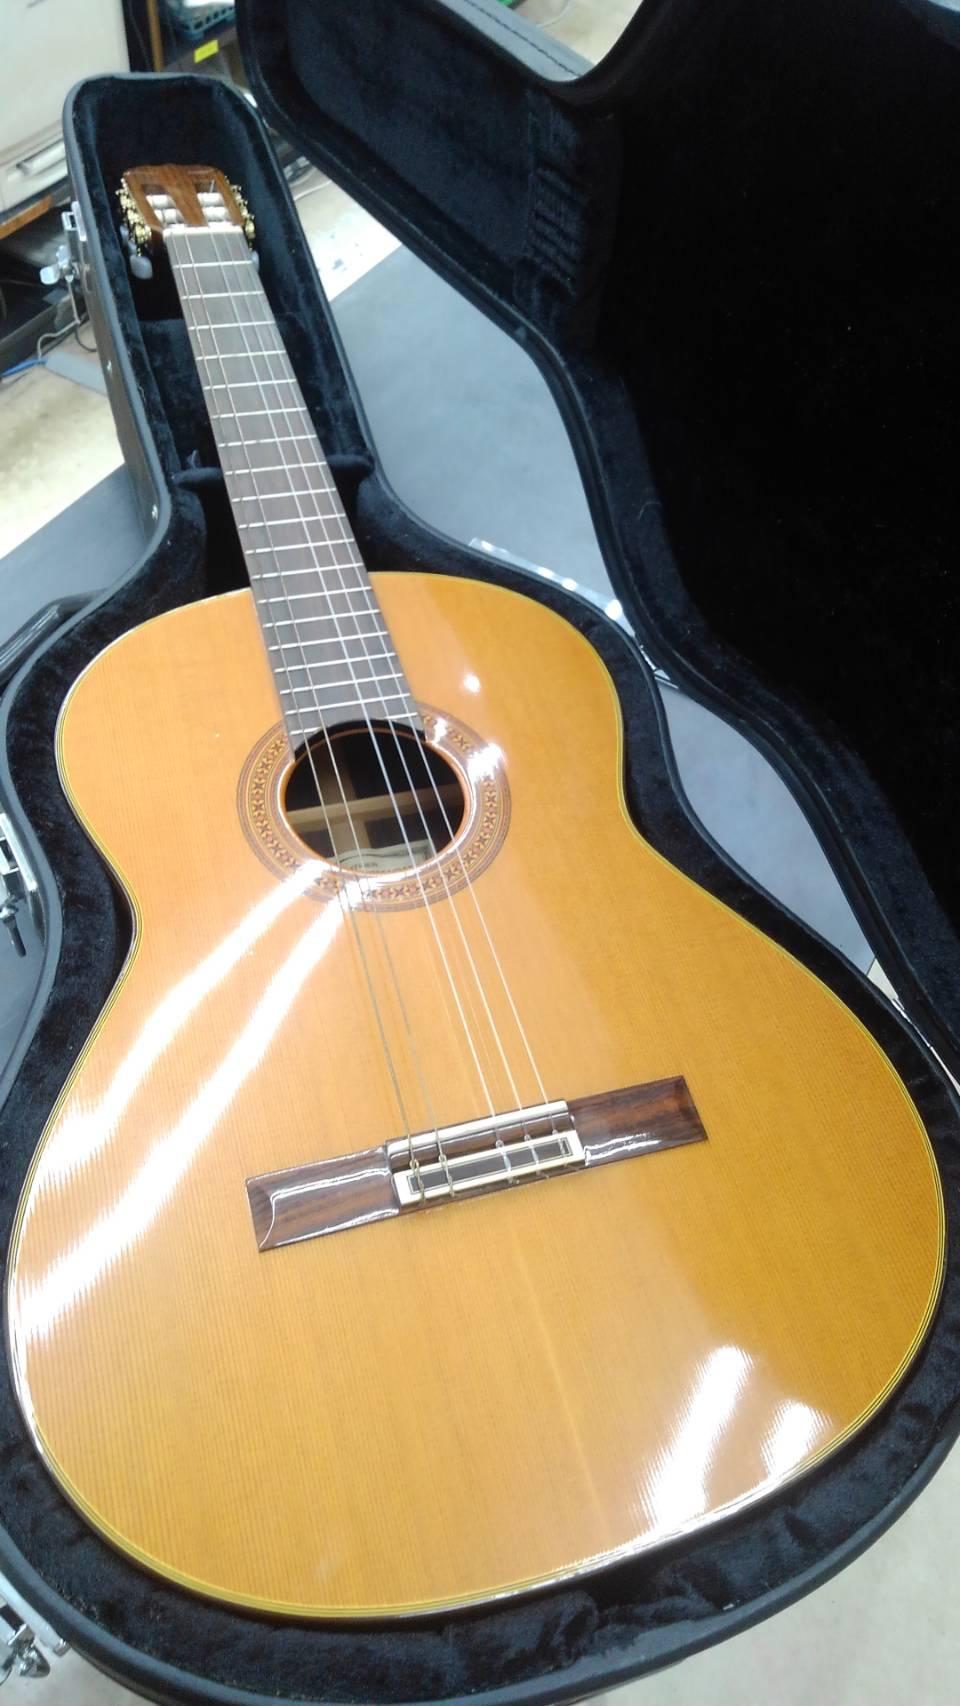 【RYOJI MATSUOKA クラシックギター M65 松岡良治 LUTHIER】買い取り致しました!の買取-